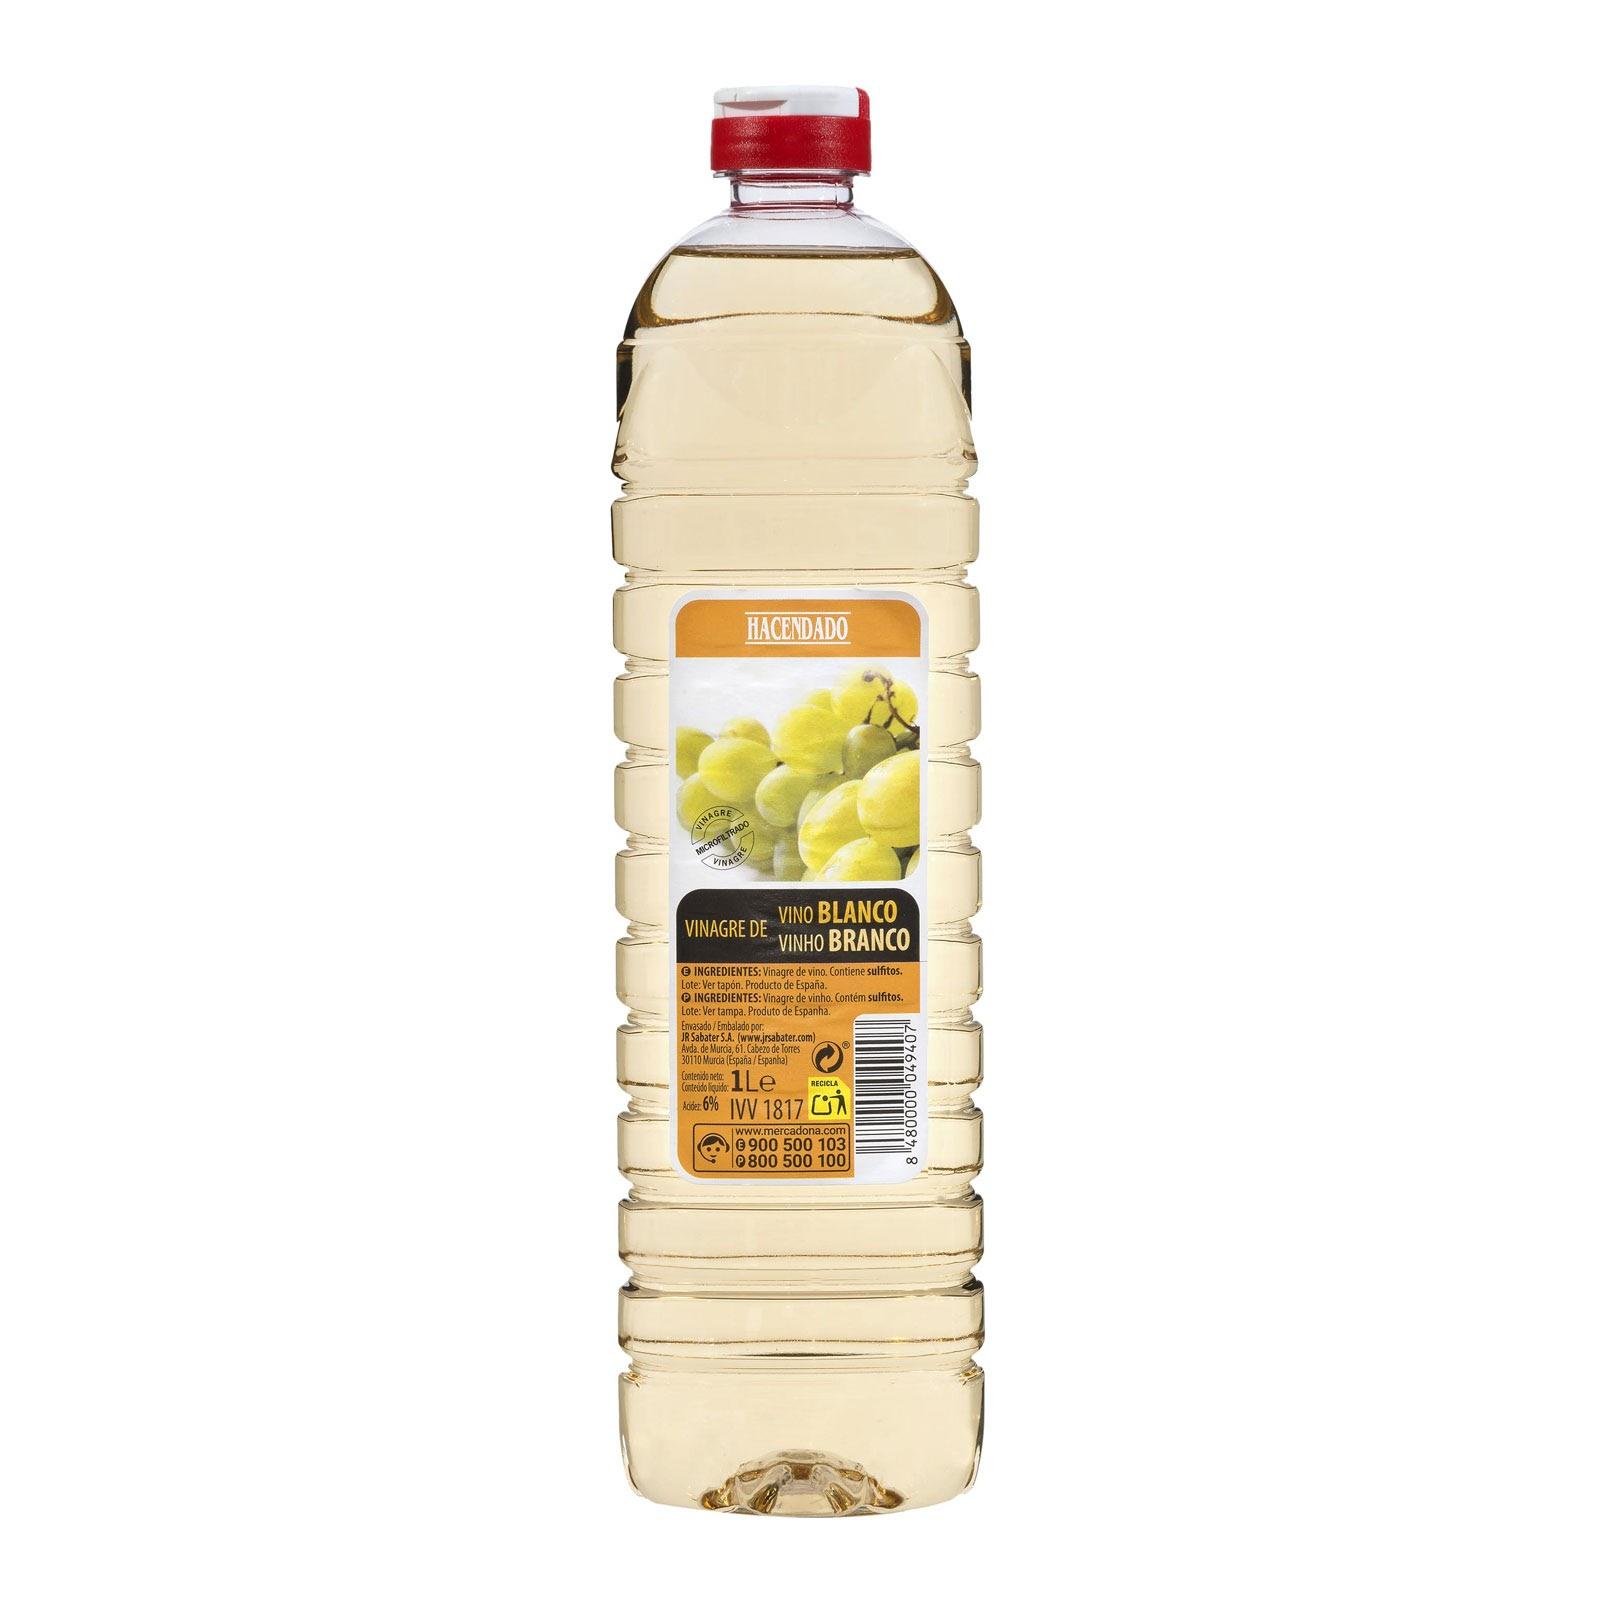 Vinagre de vino blanco Hacendado